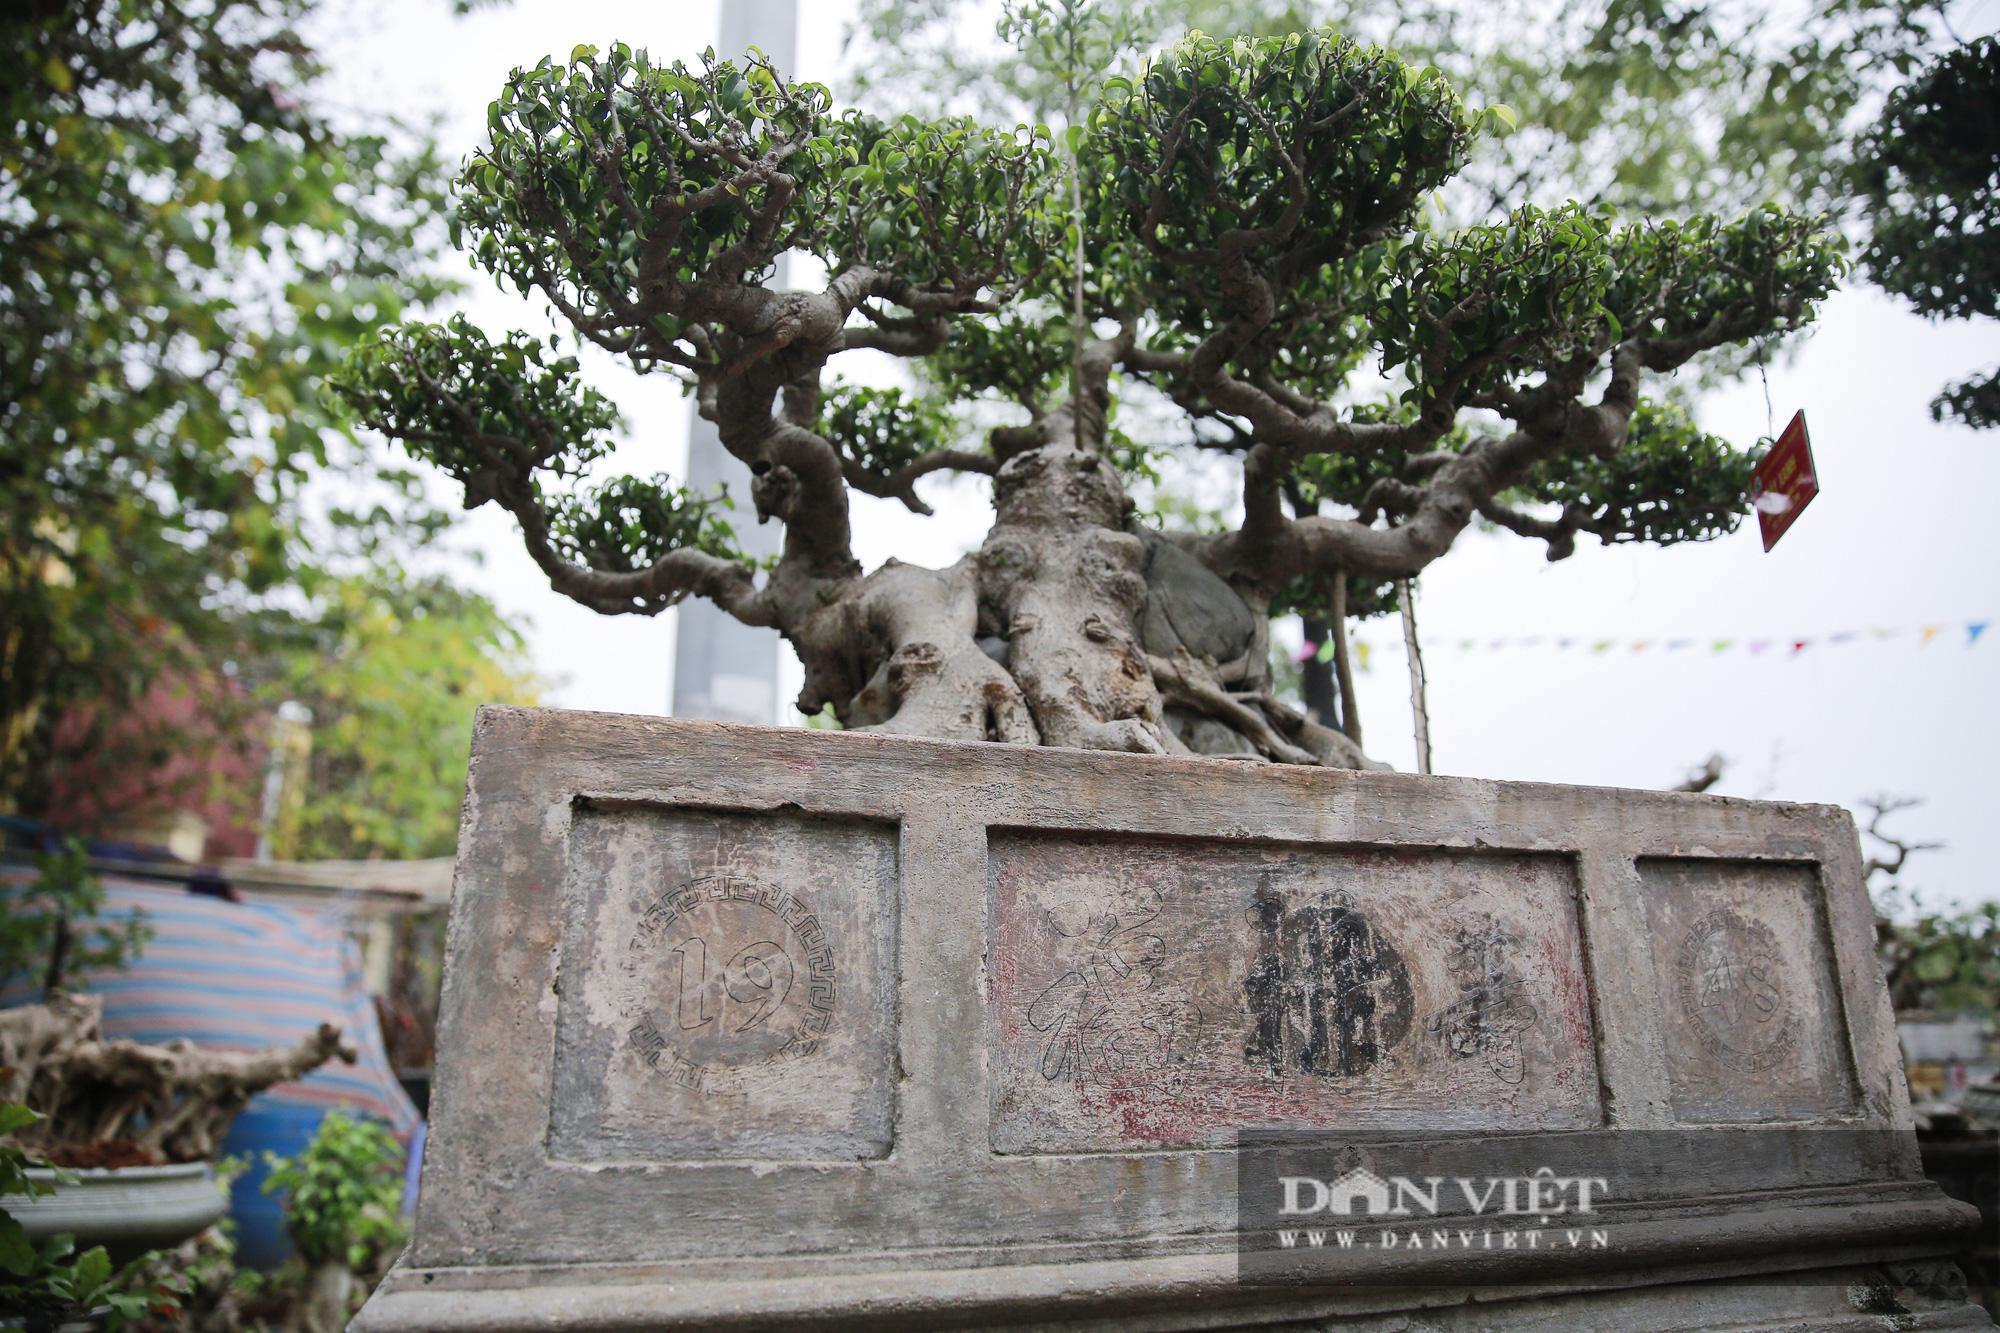 Mãn nhãn với những chậu bonsai quý hiếm tại Festival Sinh vật cảnh Hà Nội - Ảnh 10.